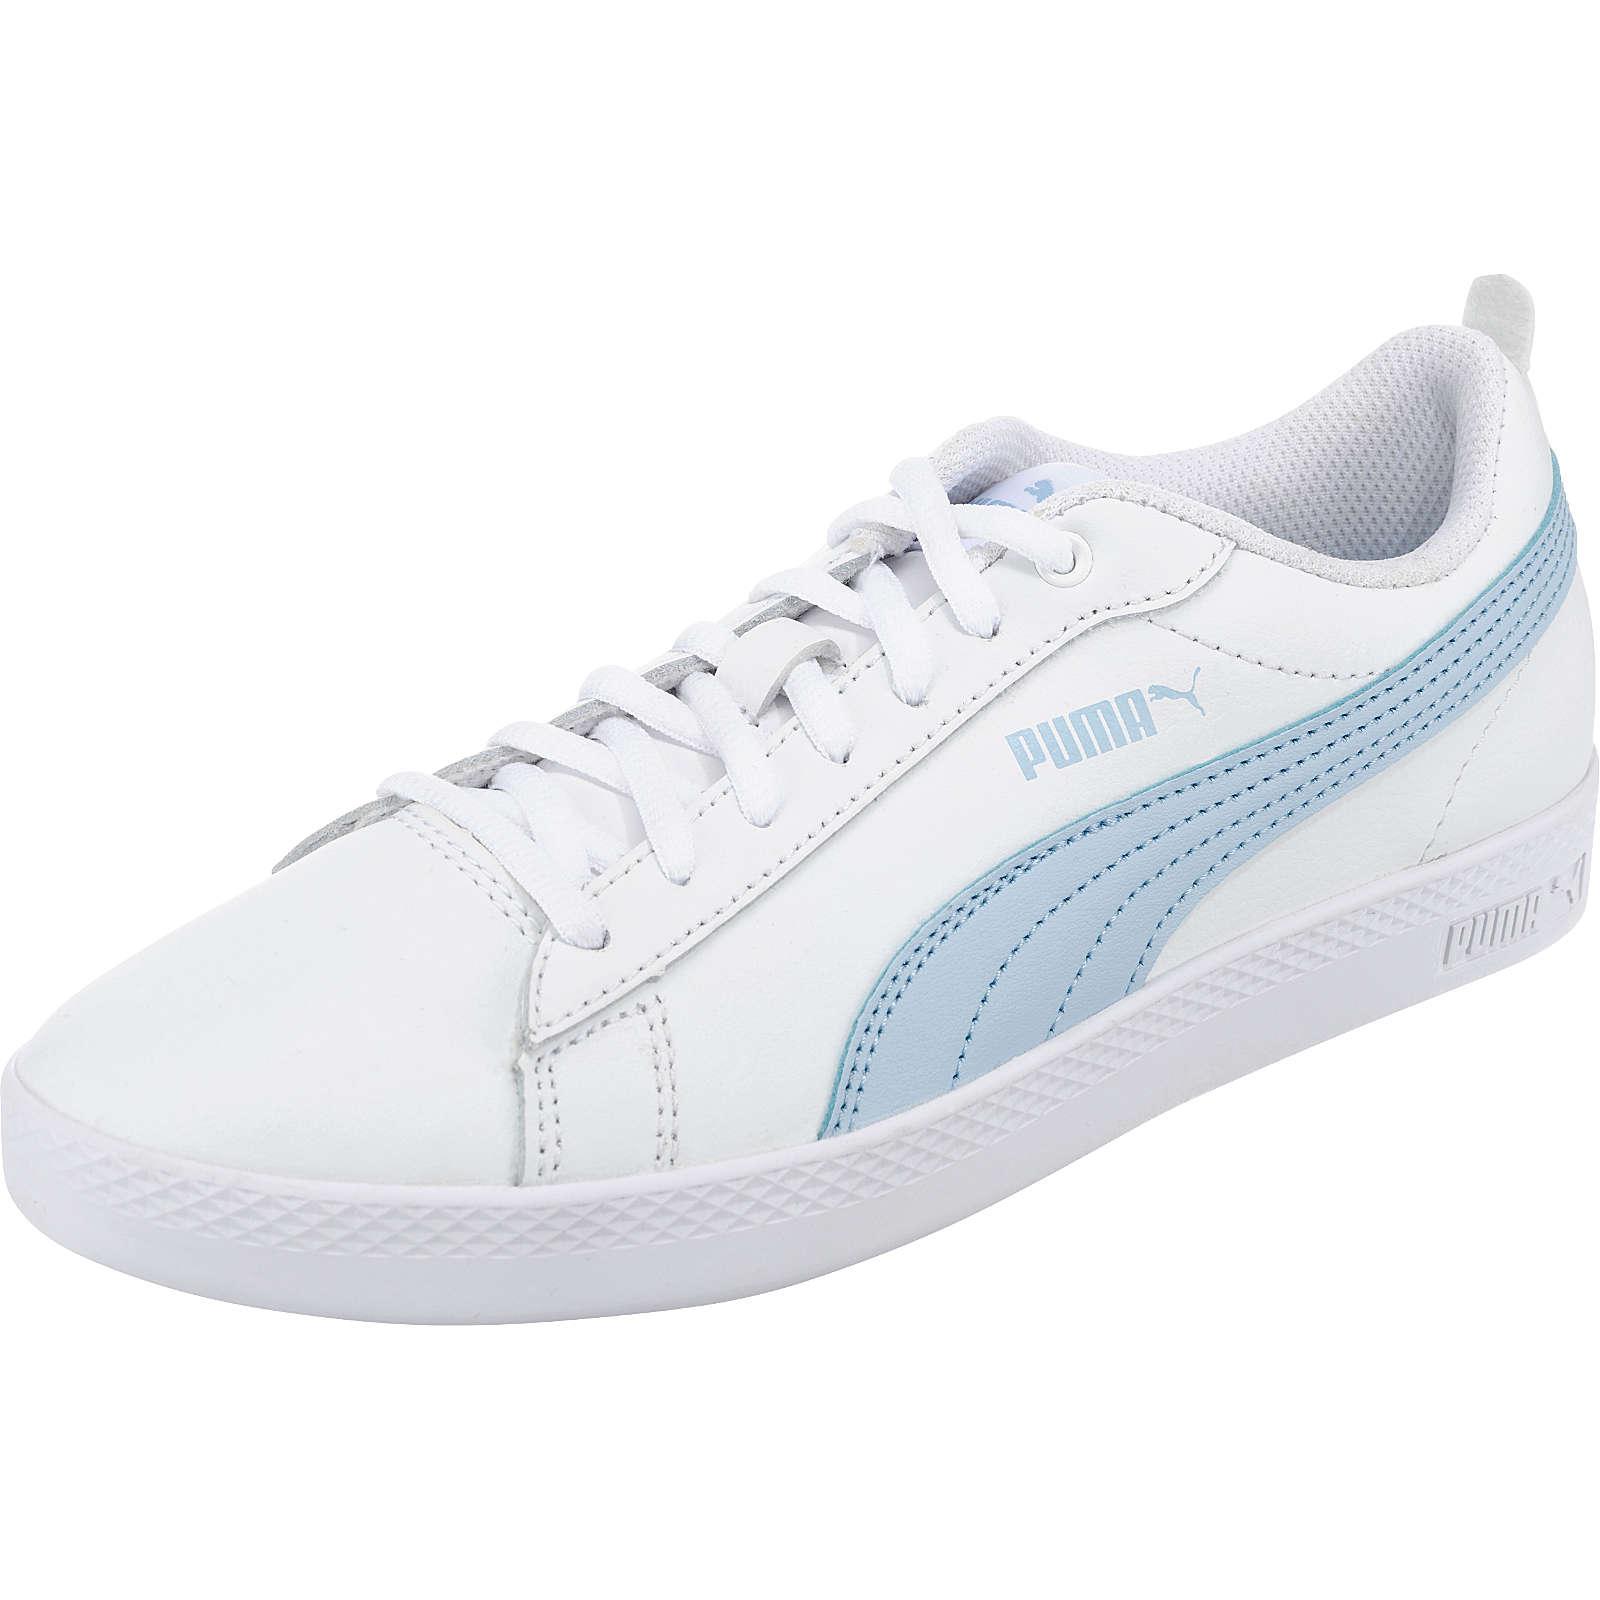 PUMA Sneakers Low weiß Modell 1 Damen Gr. 36